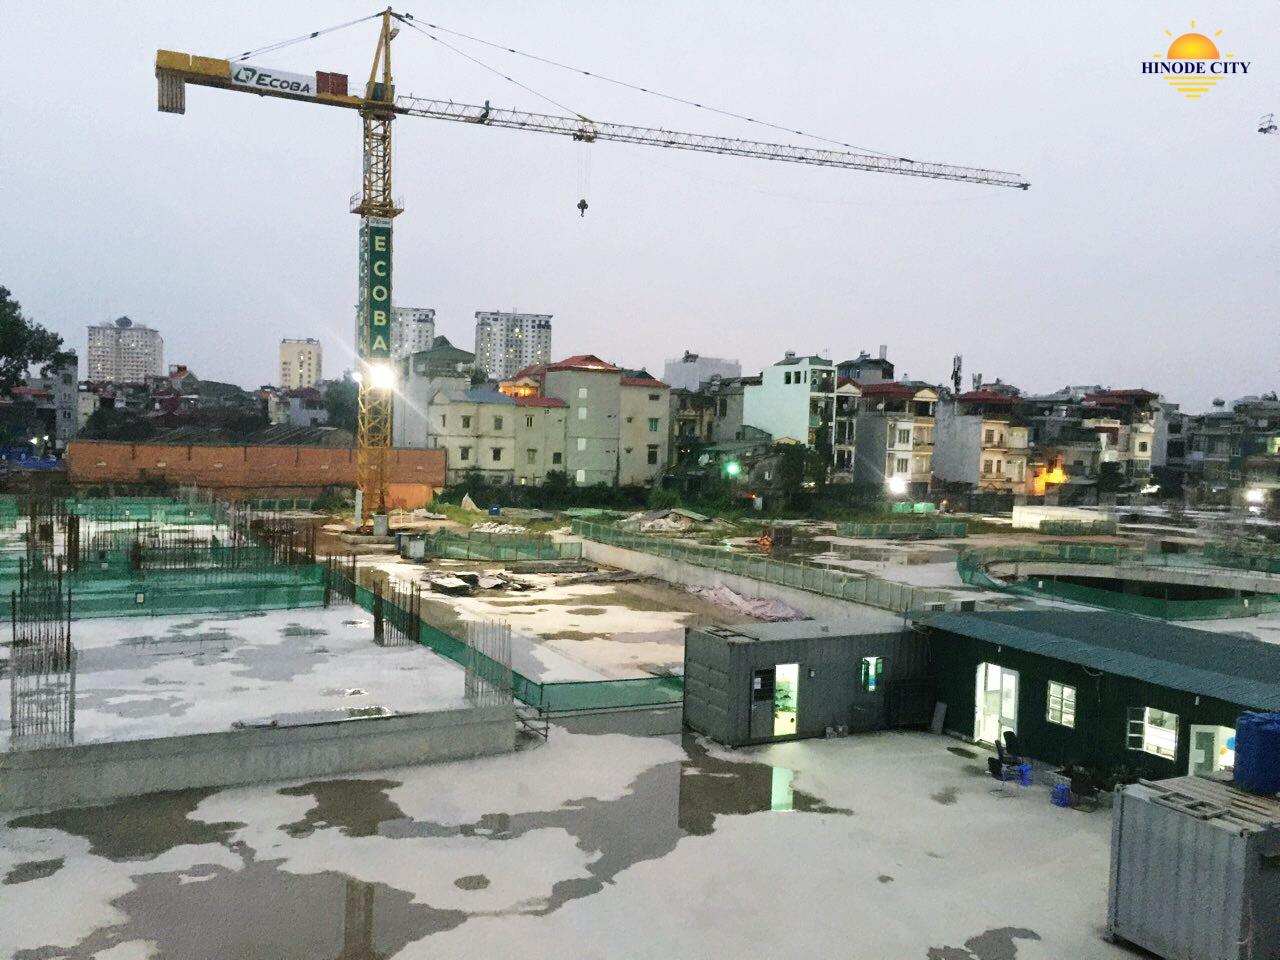 Tiến độ xây dựng của chung cư Hinode City